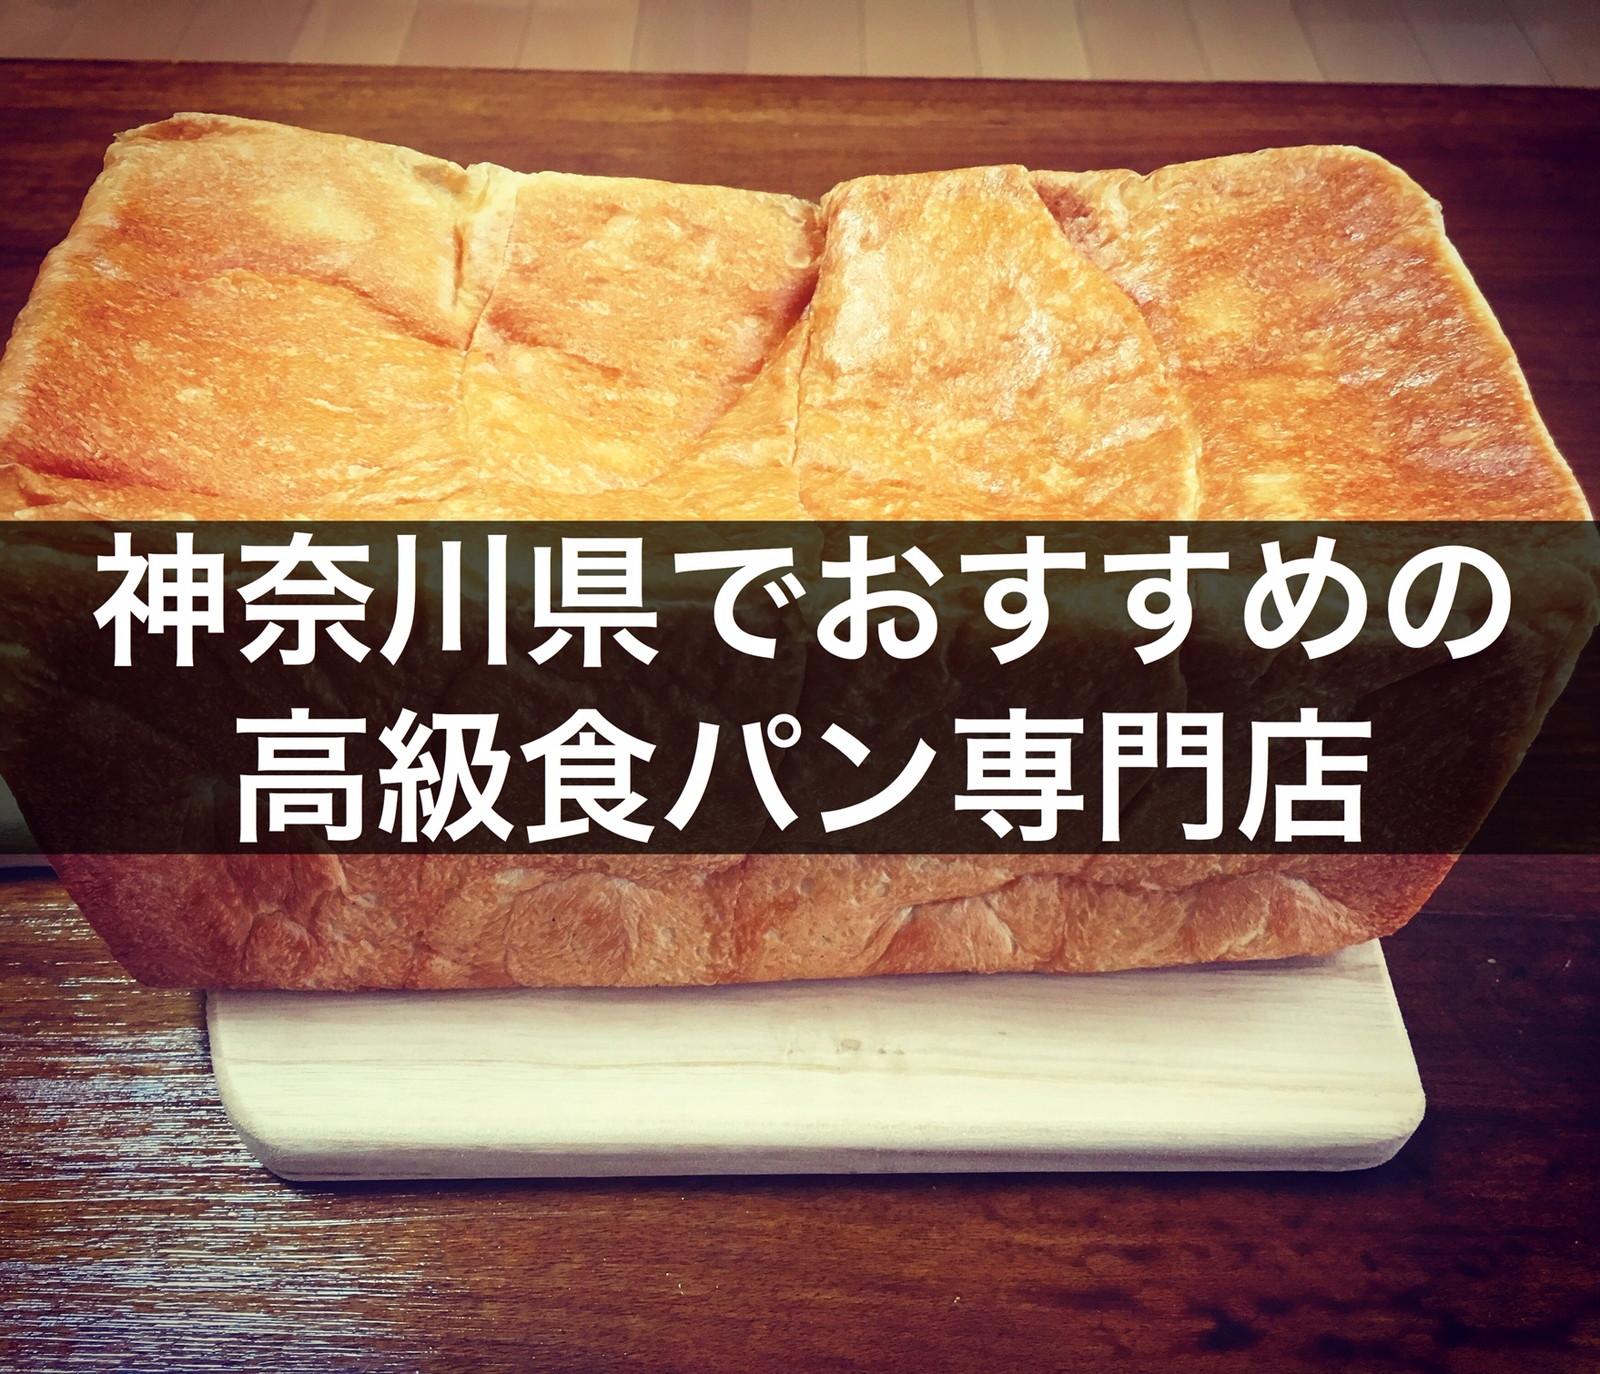 専門 店 食パン